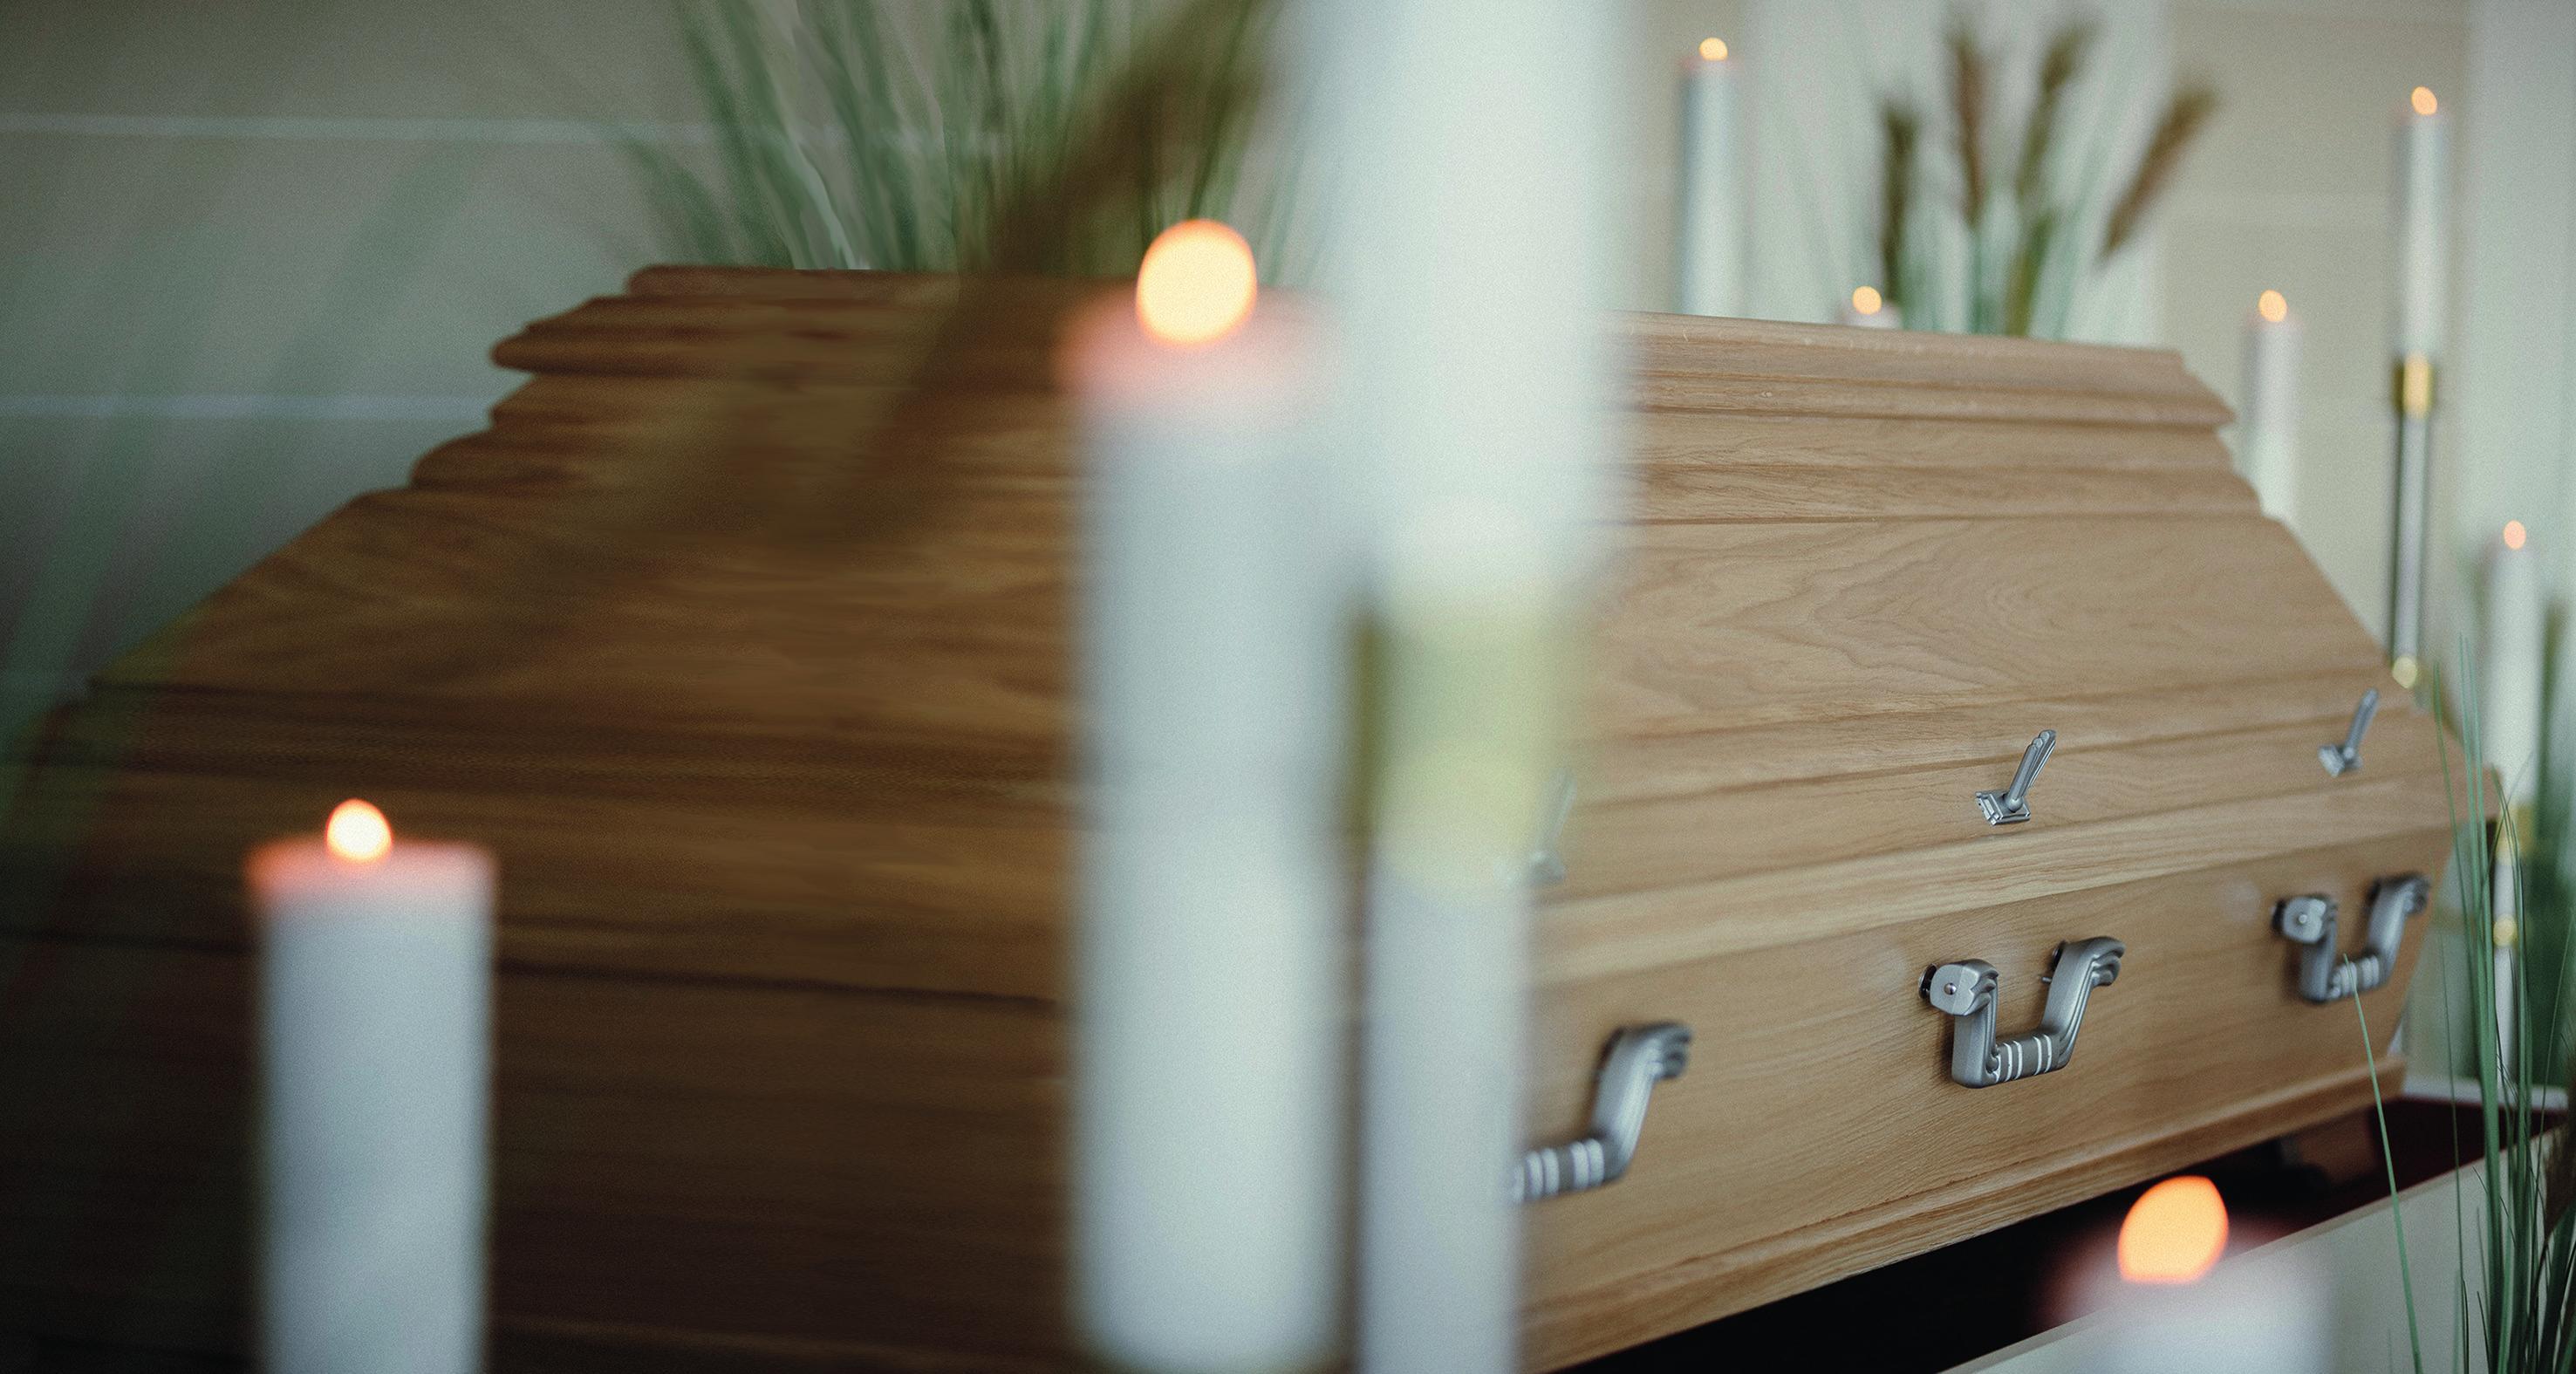 Eine würdige Bestattung ermöglichen